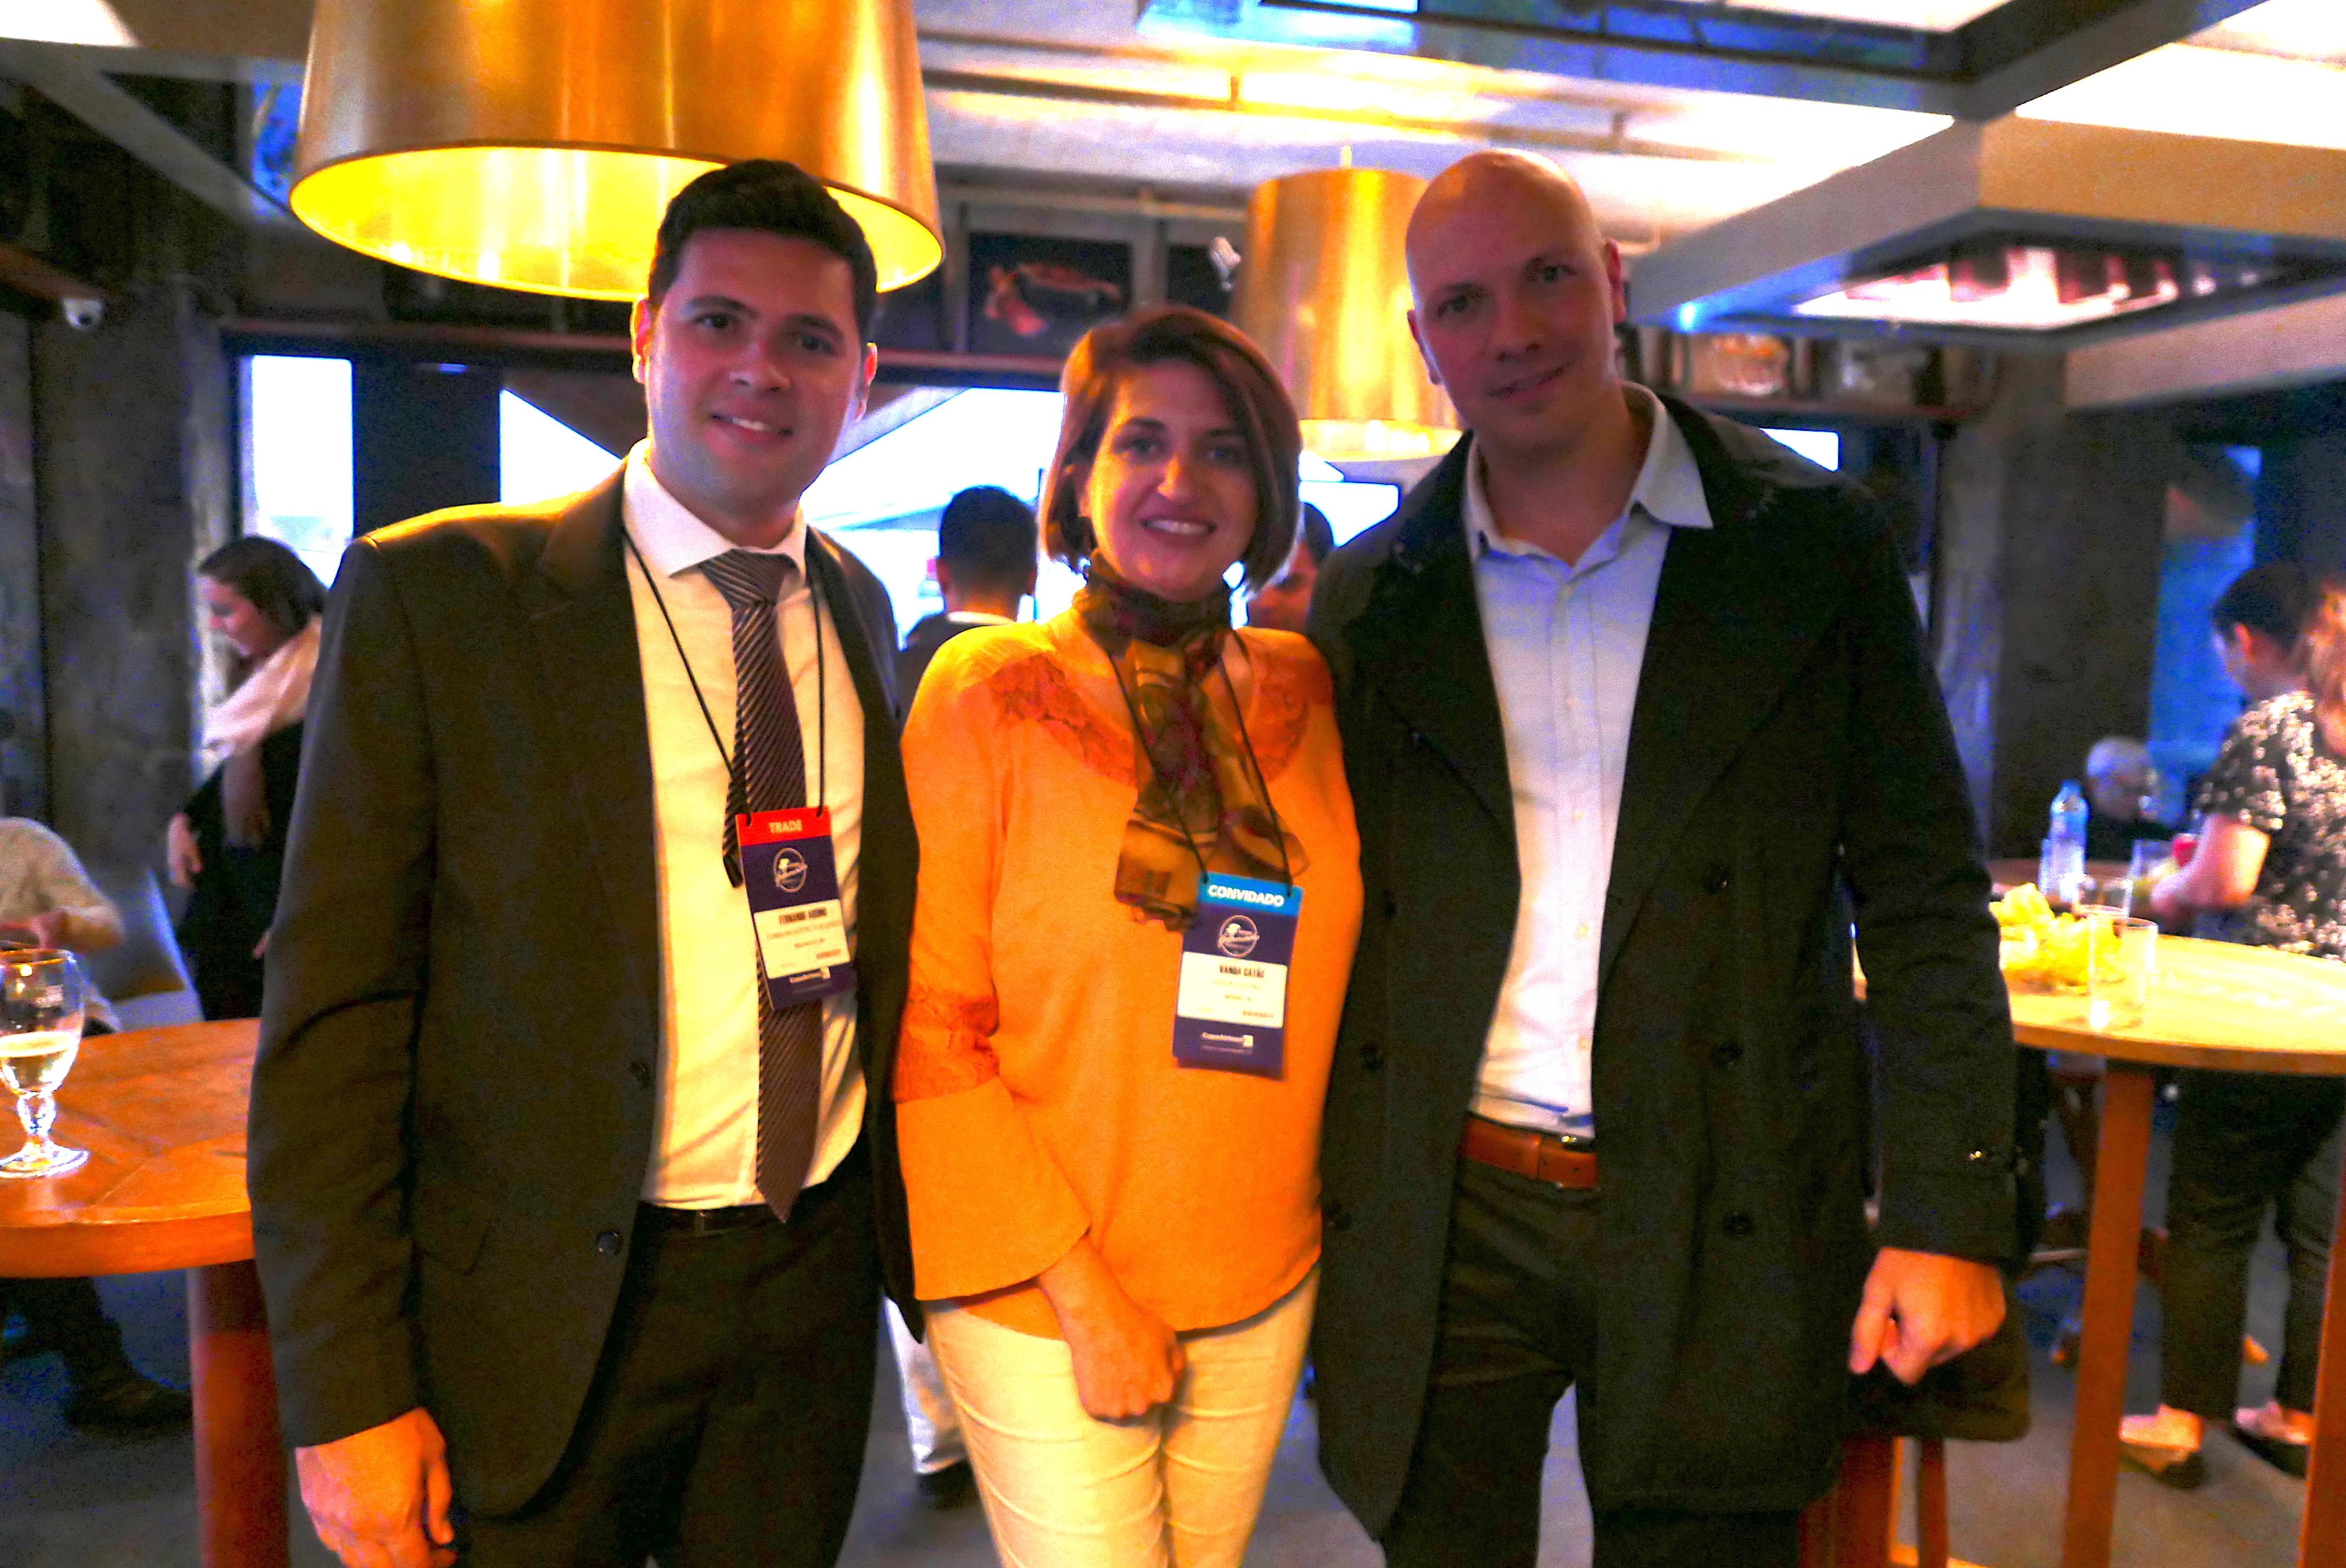 Fernando Aquino, representante Brasil da região de Jungfrau + Interlaken (Suíça); Wanda Catão, Gerente Regional para a América Latina de Lucerna (Suíça), e Marcelo Kaiser